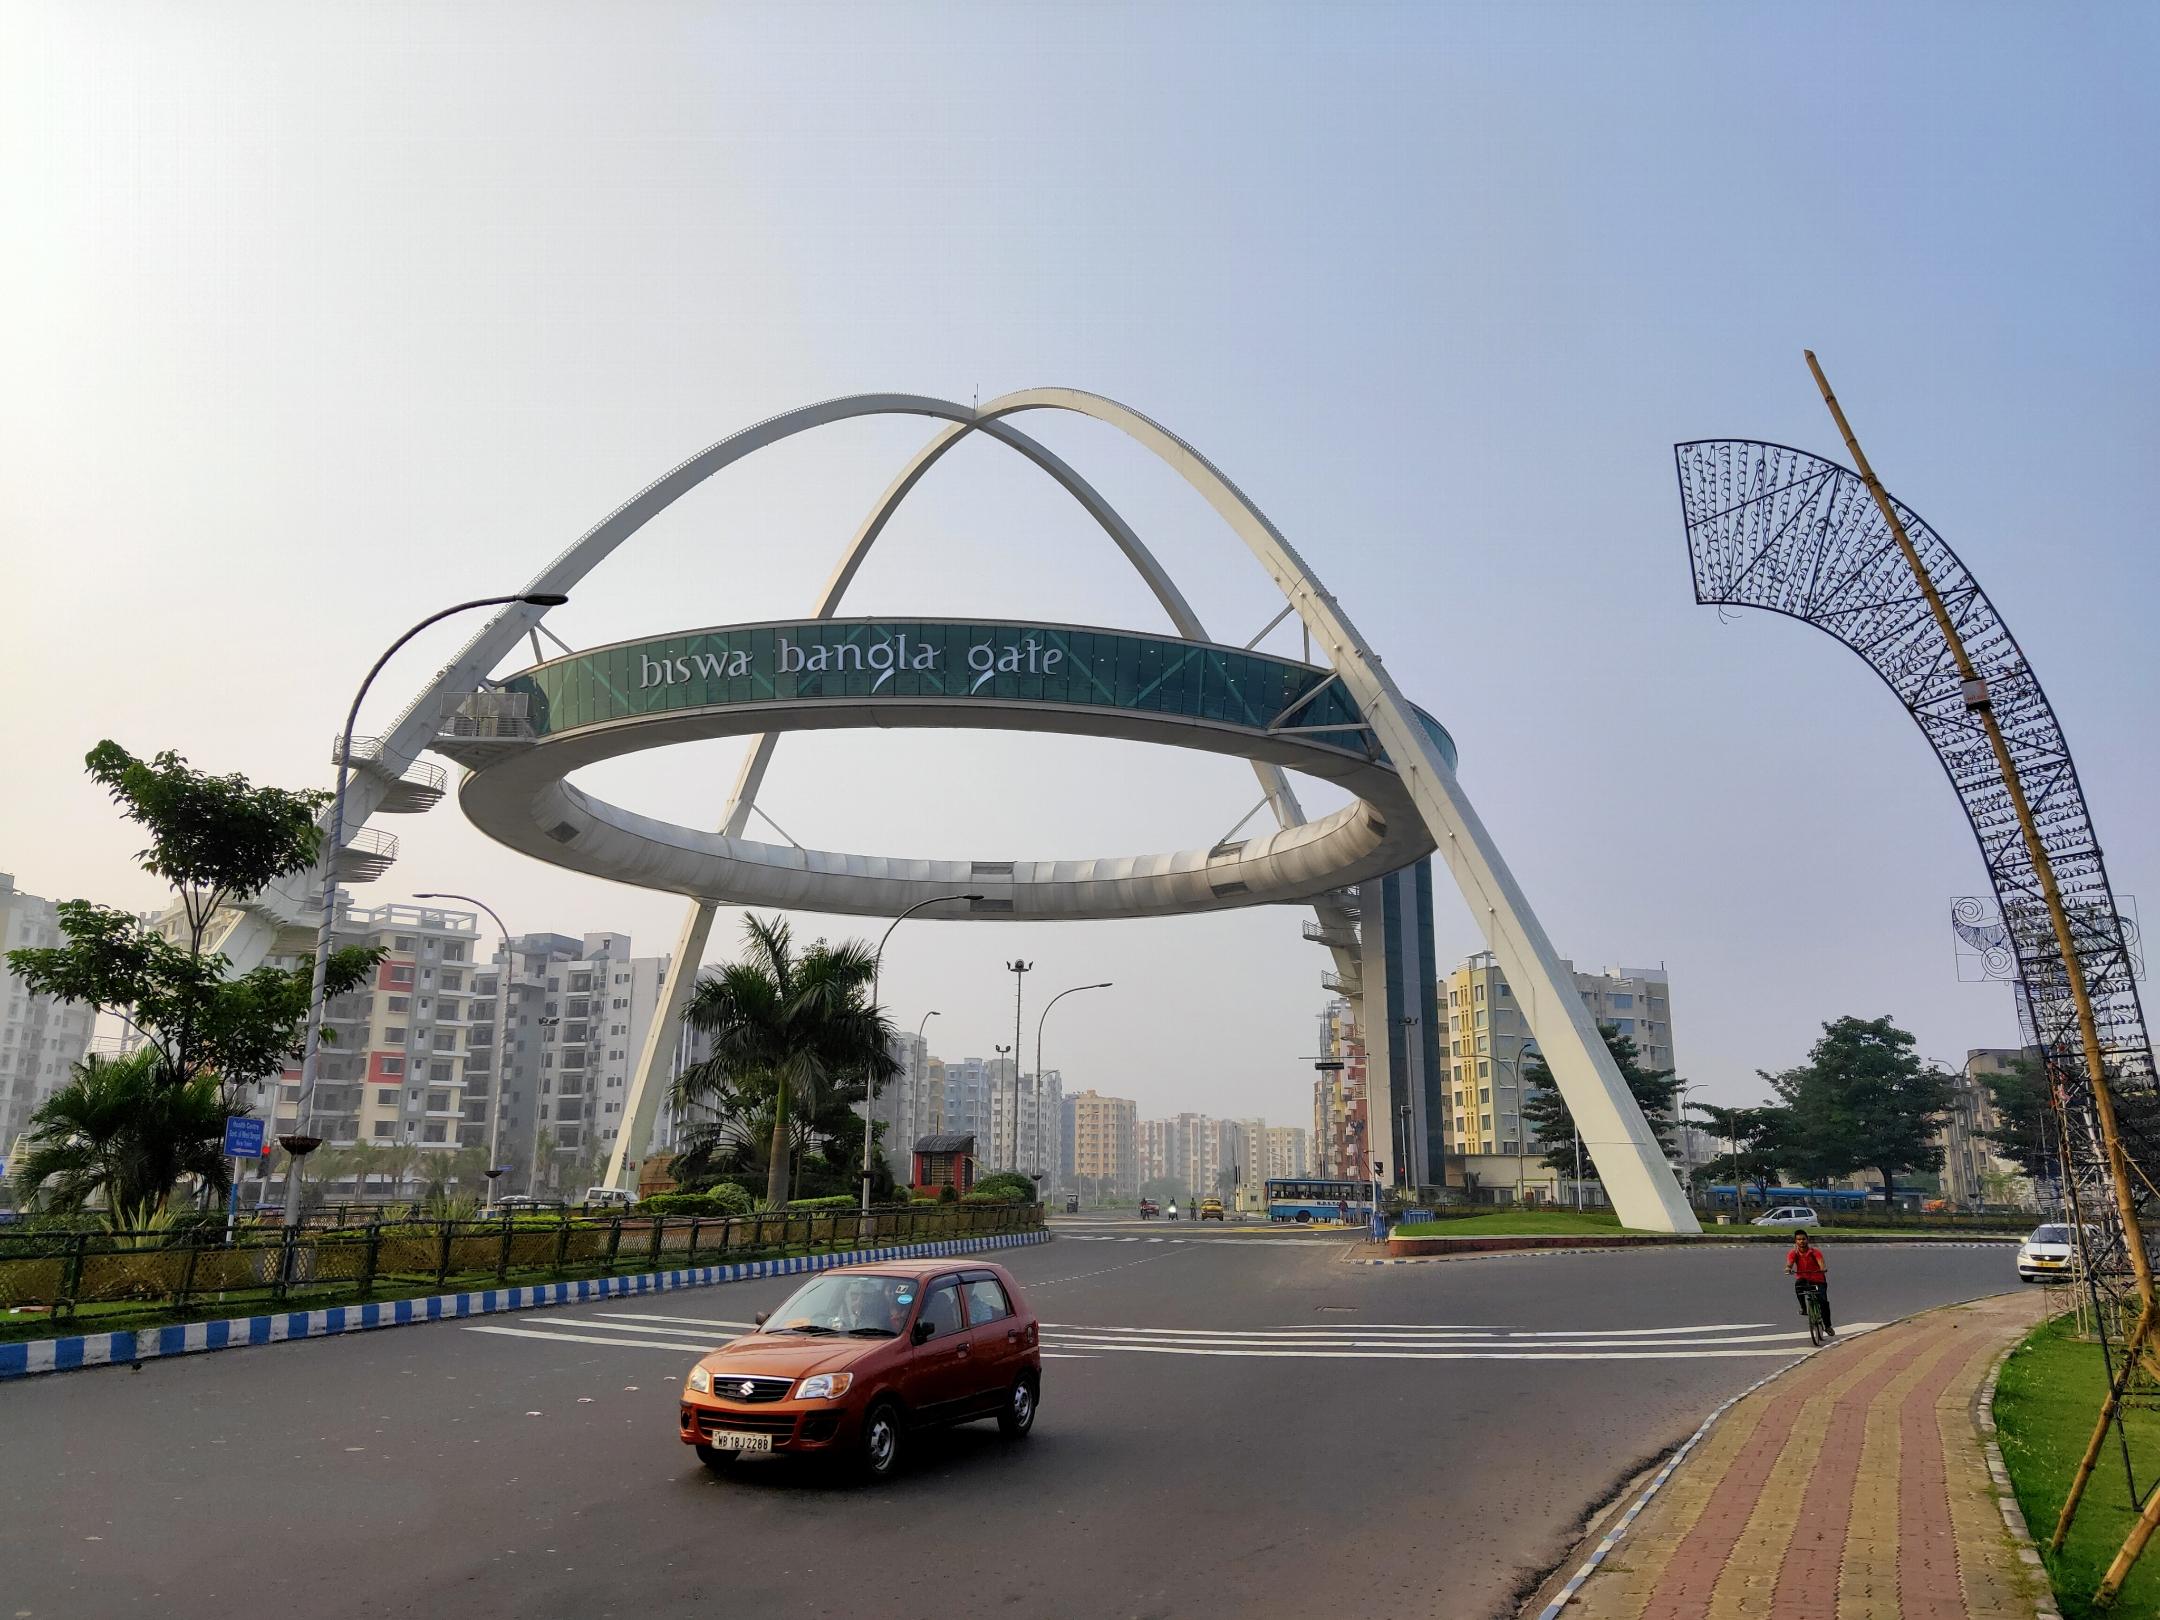 Biswa Banola Gate